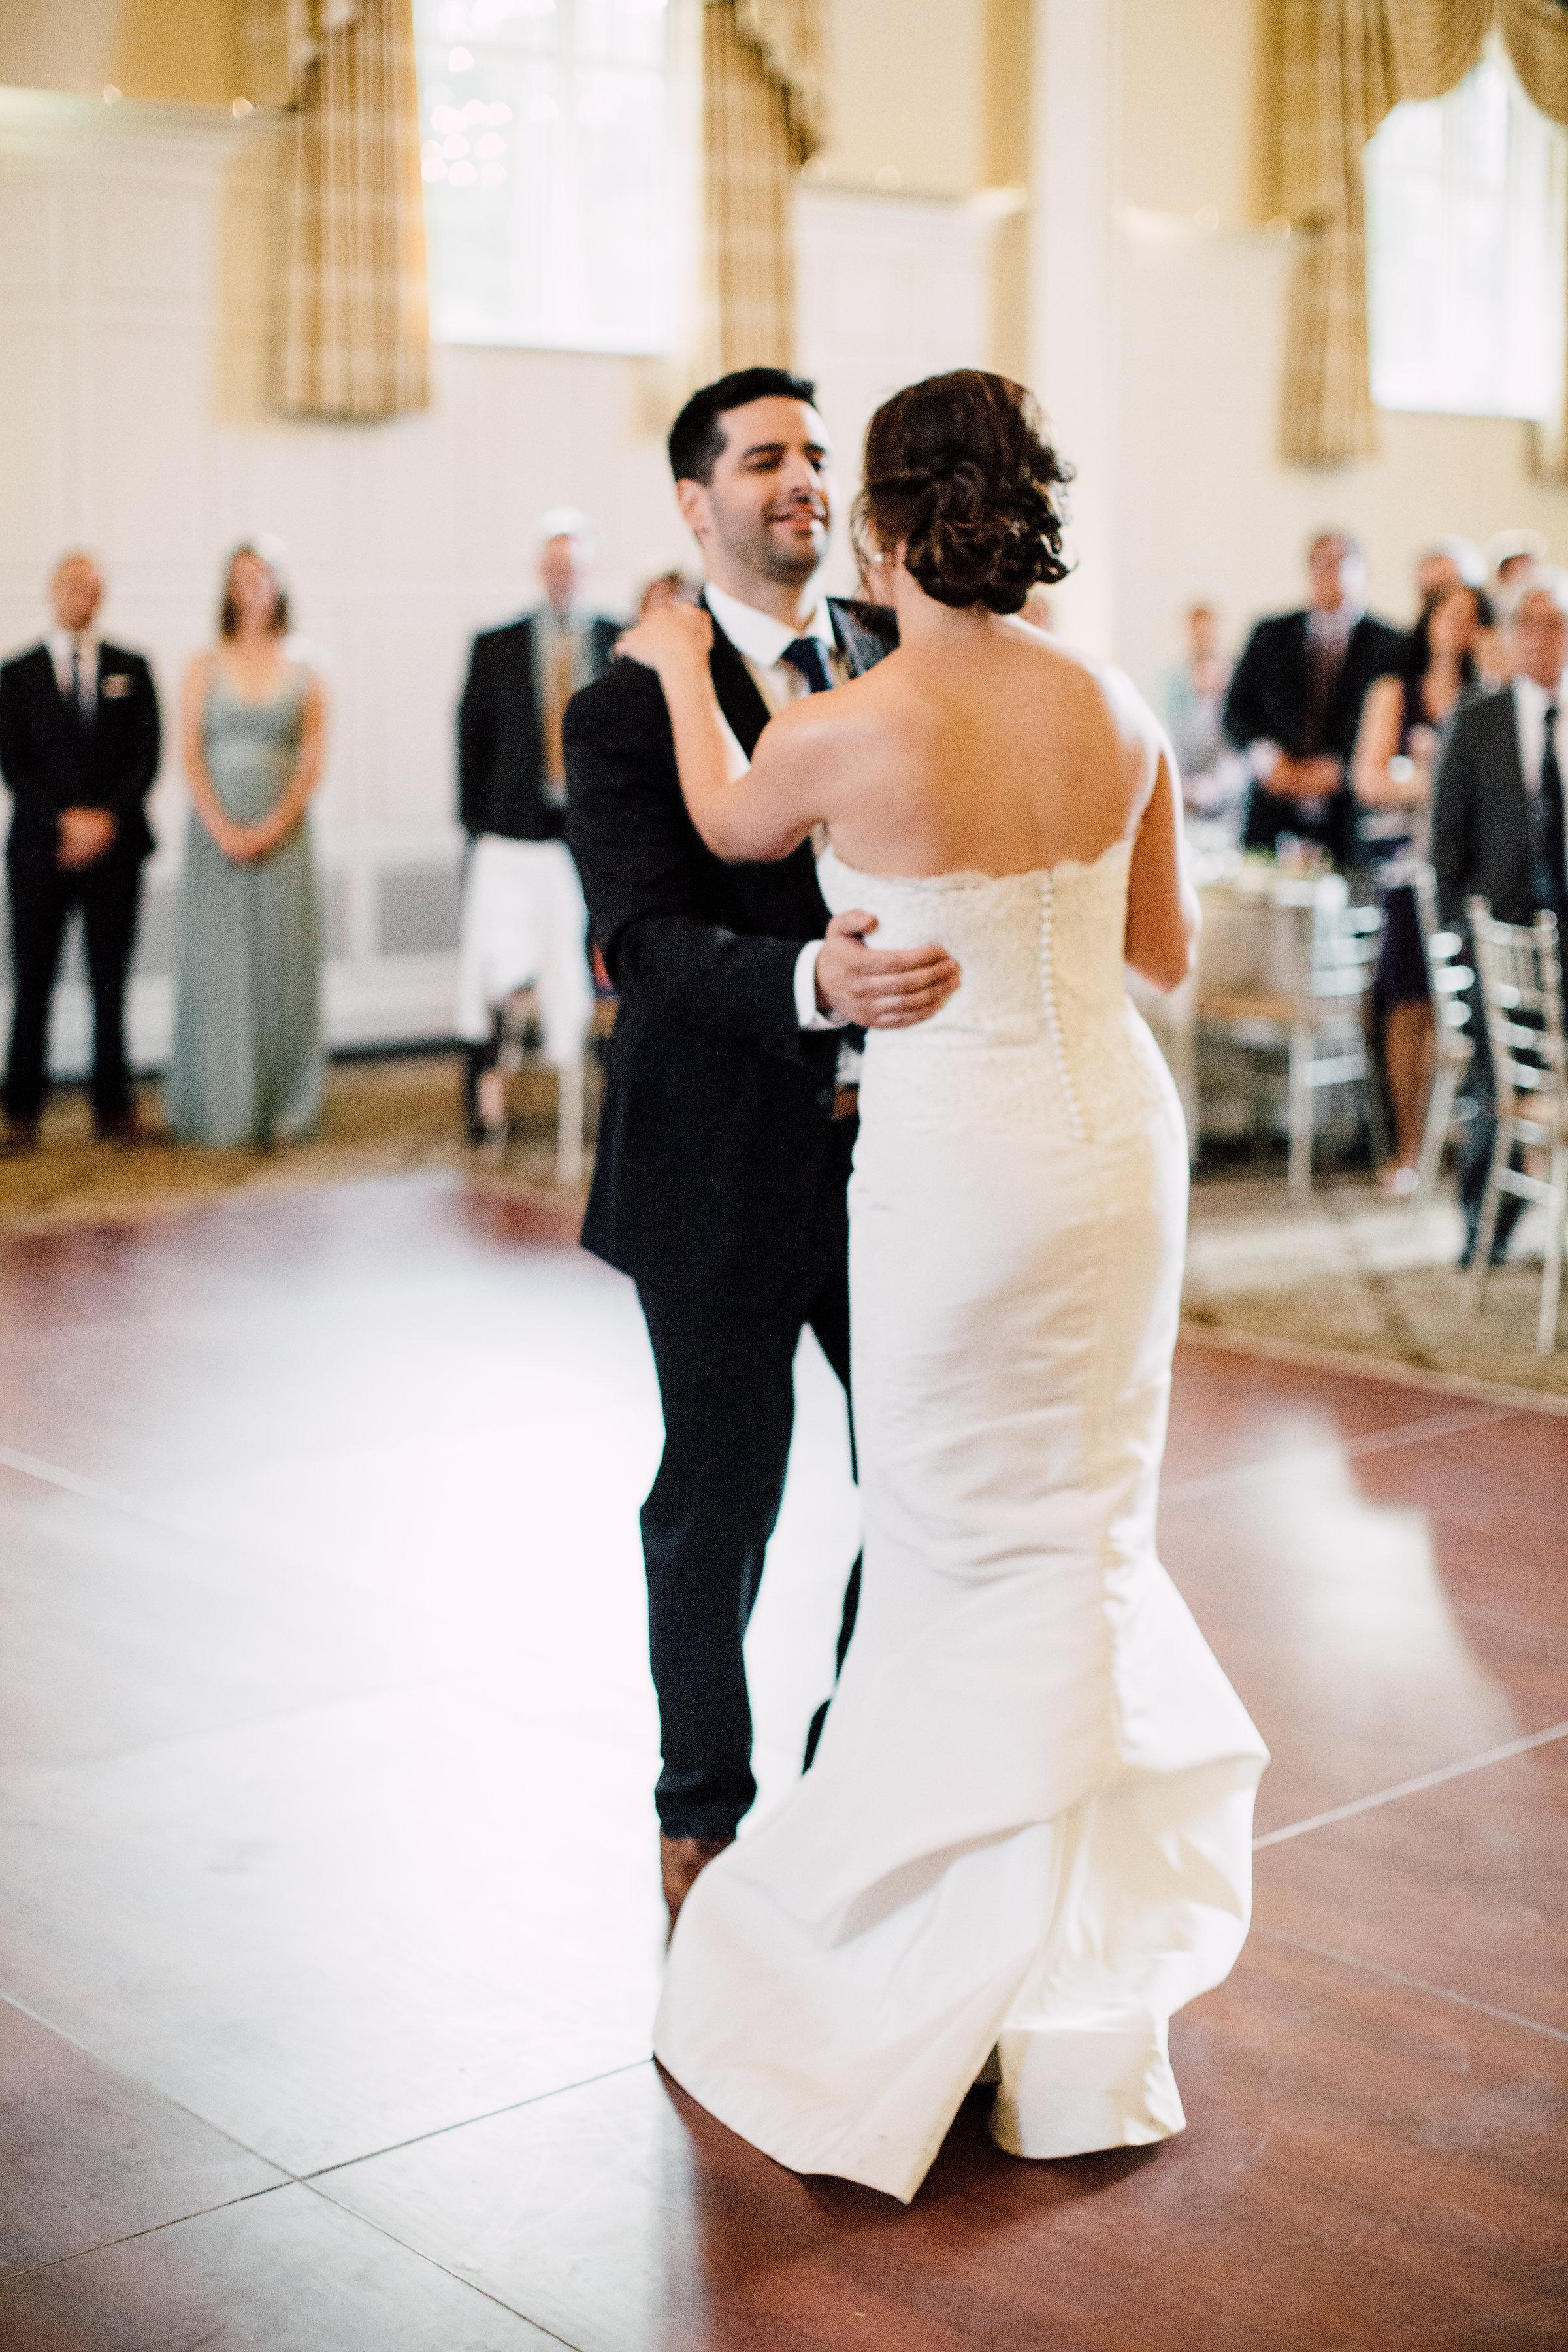 Ken & Gina Dancing.jpg